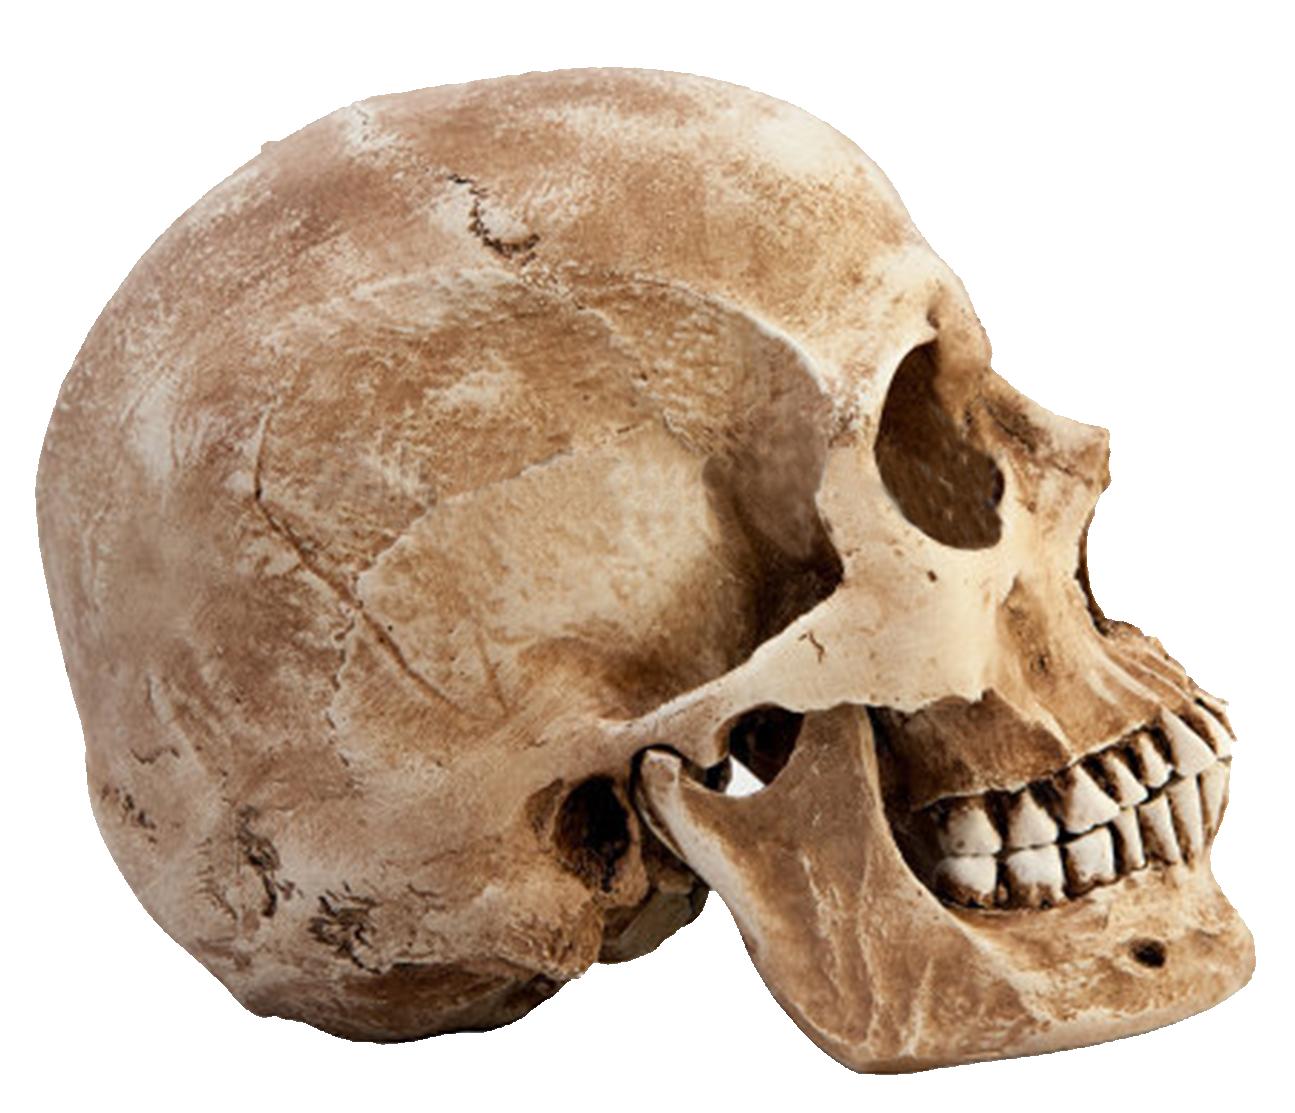 High Resolution Wallpaper | Skull 1295x1113 px